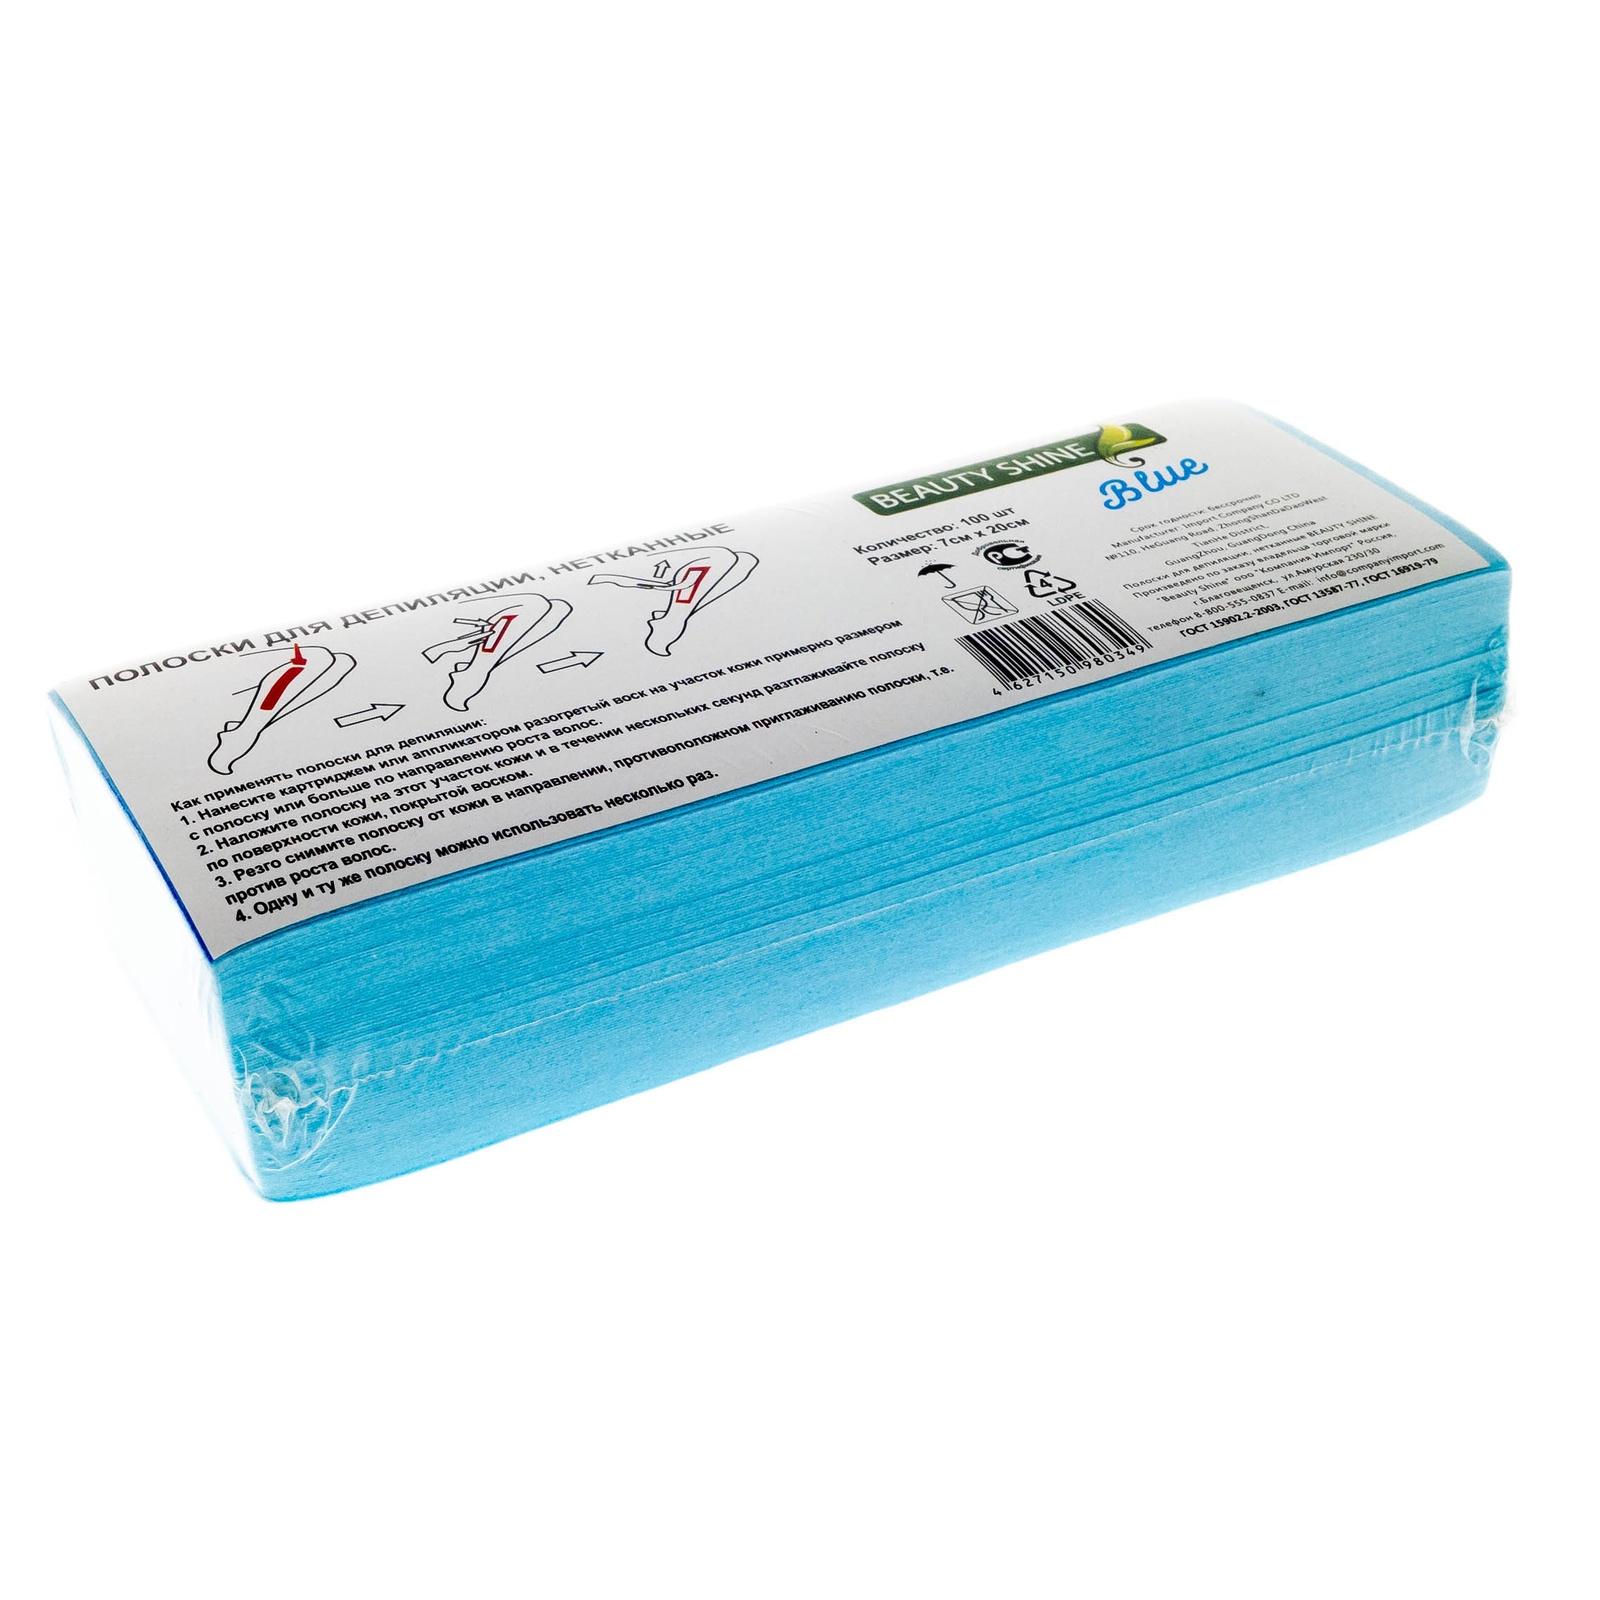 Полоски для депиляции нетканые Blue Beauty Shine, 100 шт harizma полоски для депиляции 100 шт уп